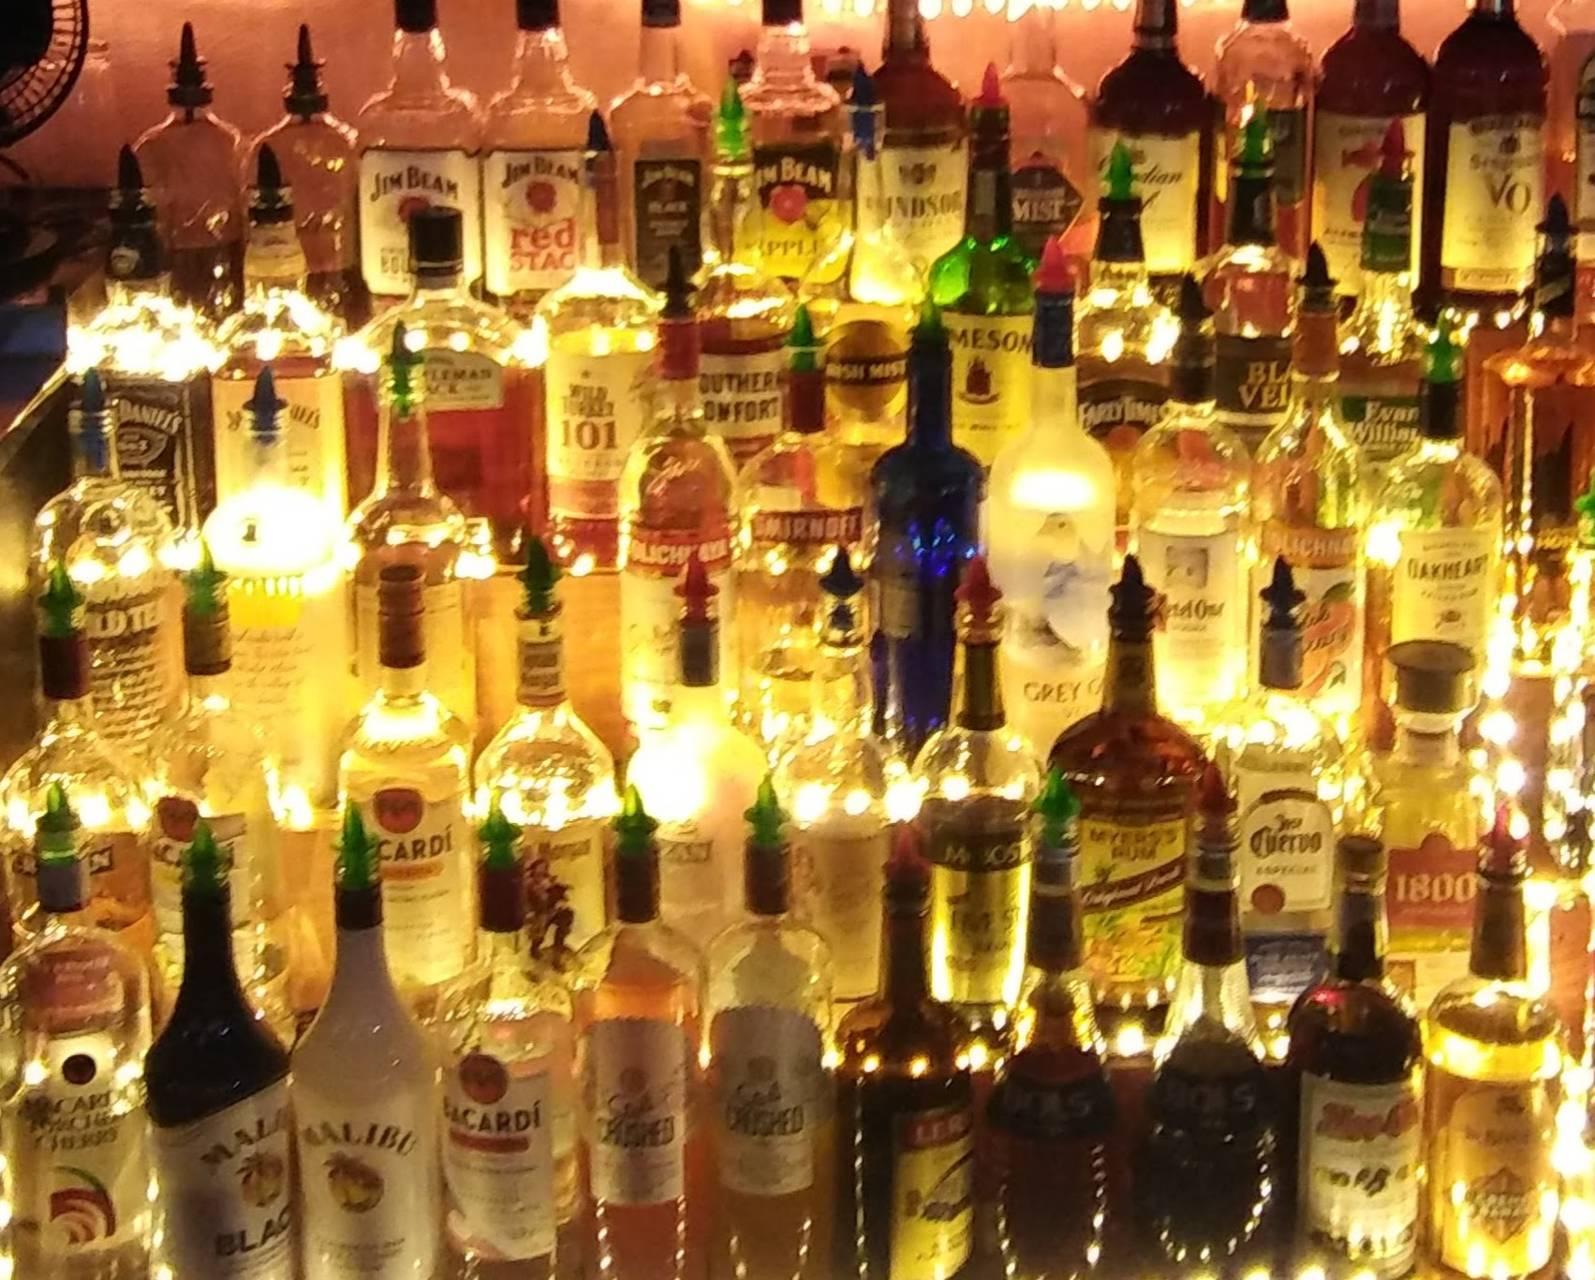 Bottles illuminate